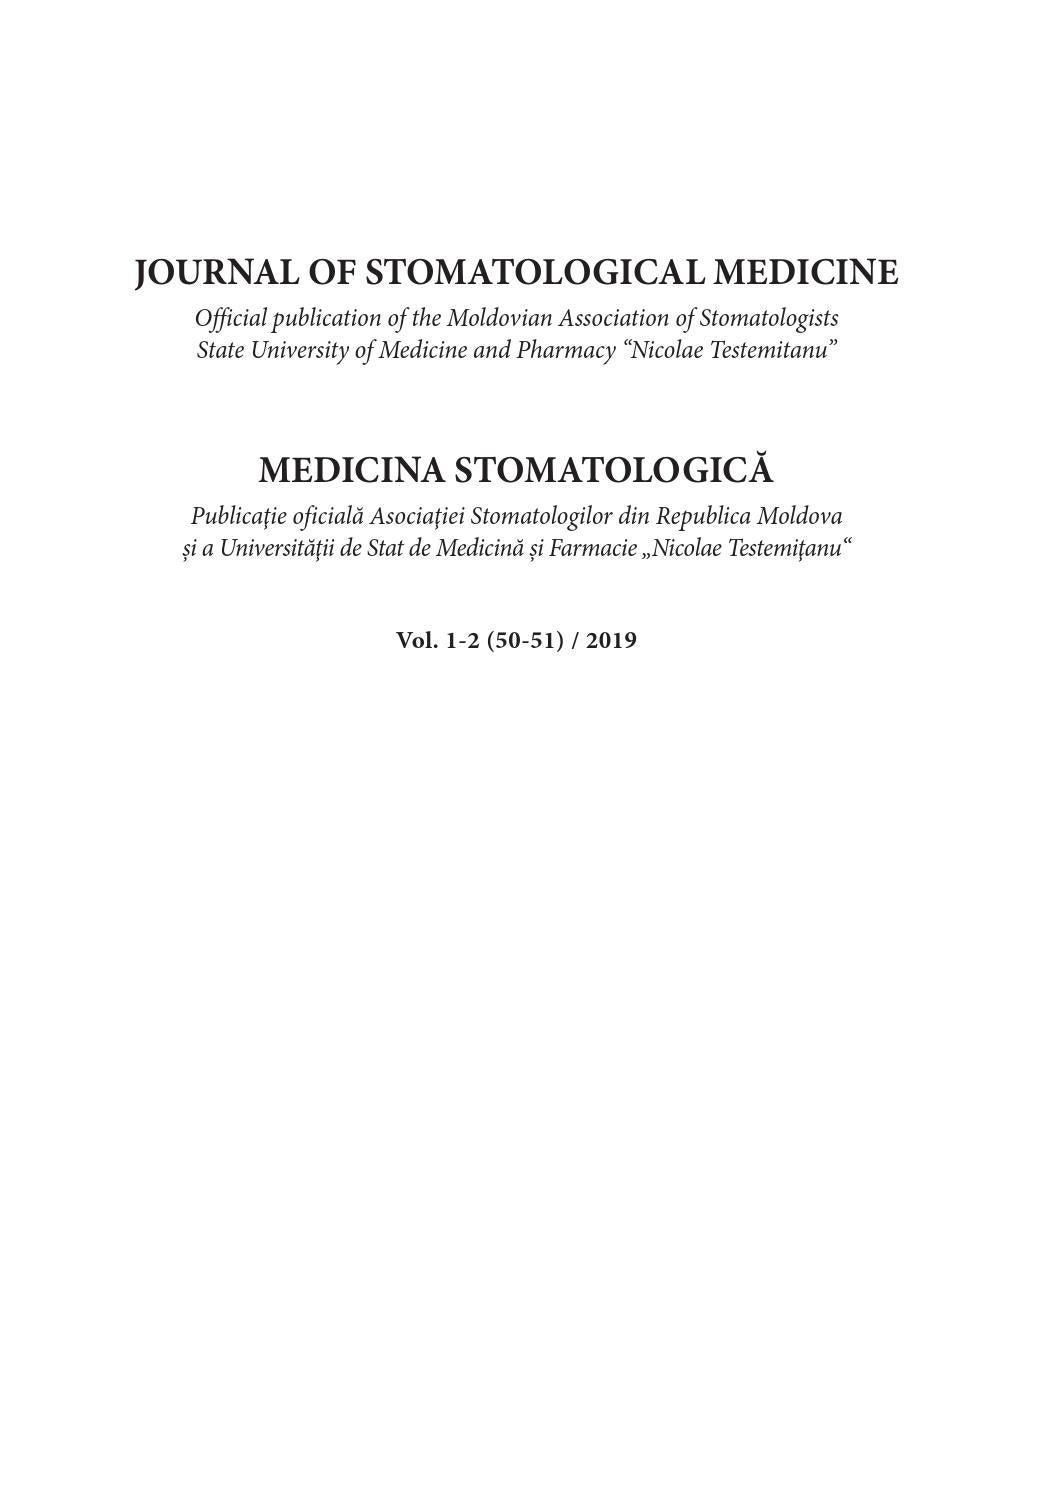 Boală cronică articulară latină. Artrită - Wikipedia